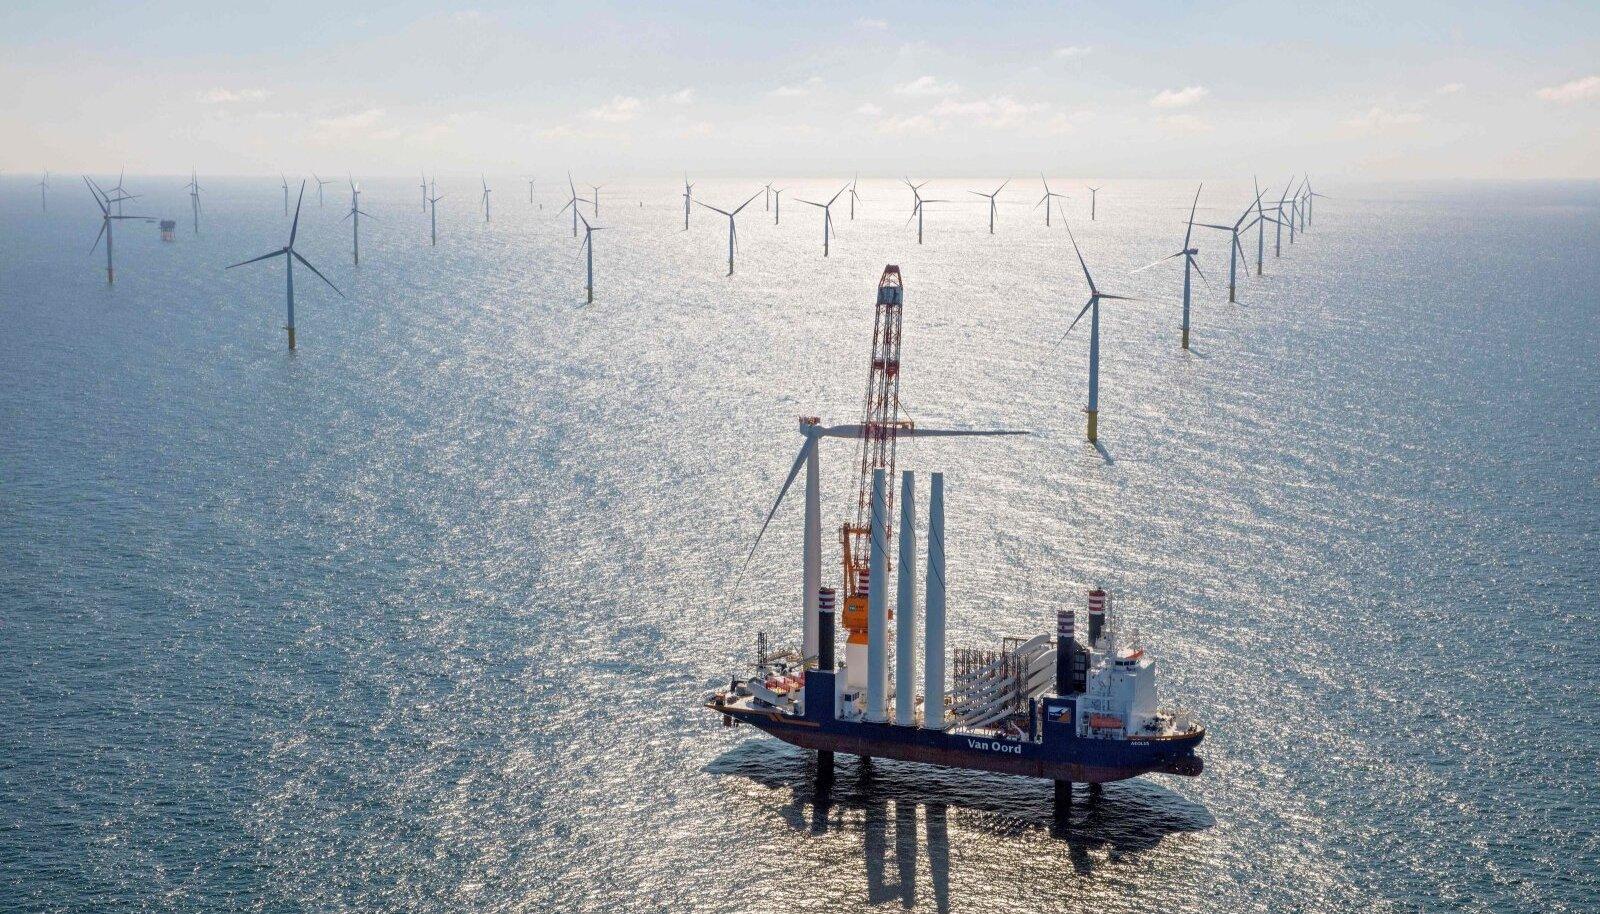 2017. aasta mais Hollandi rannikul valminud Gemini meretuulepark, mille ehitusel lõi ka Van Oord kaasa, on tänaseni üks suuremaid meretuuleparke maailmas.